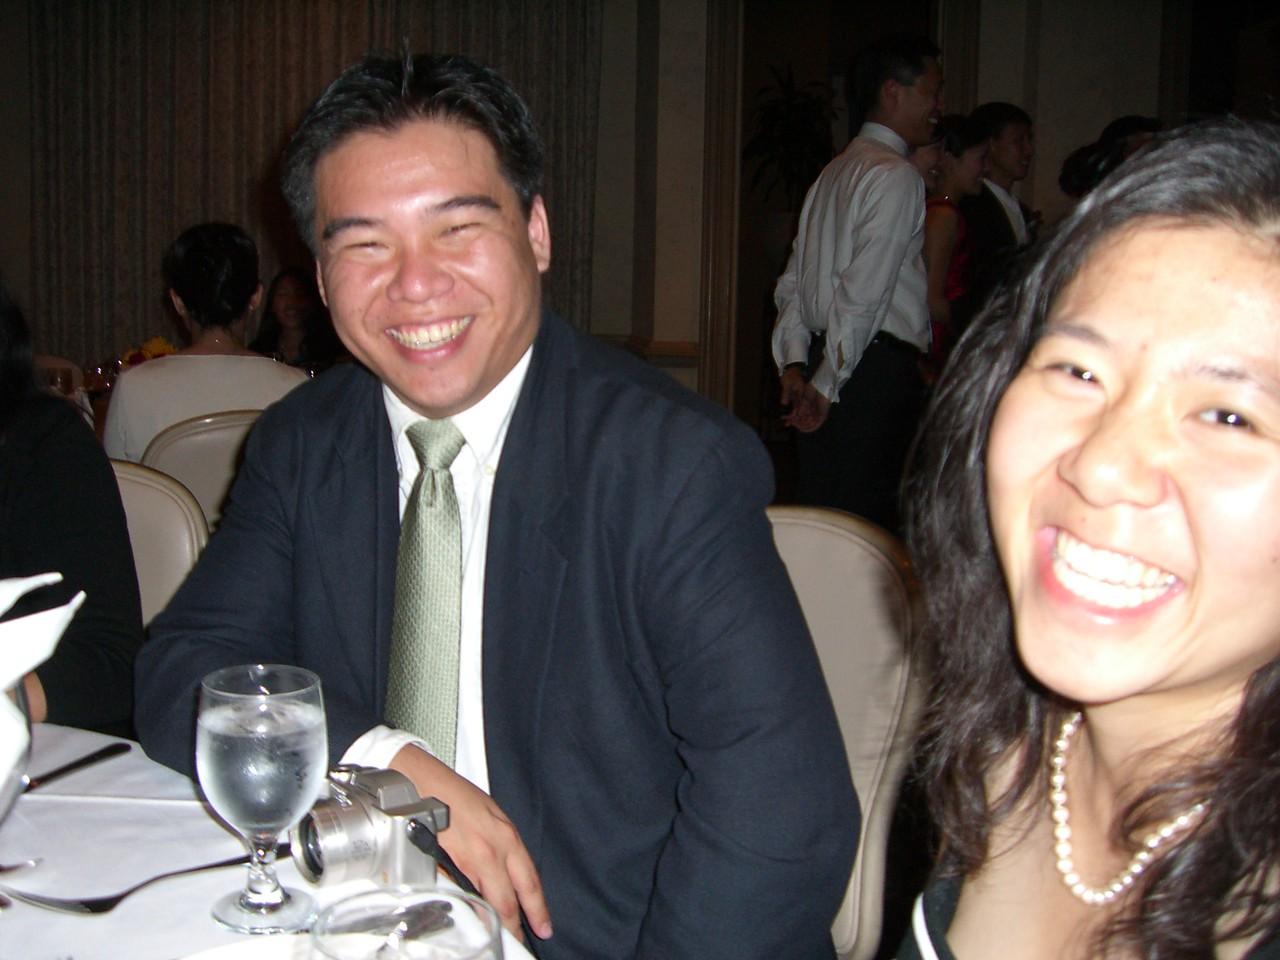 Lawrence Joe & Angela Chen